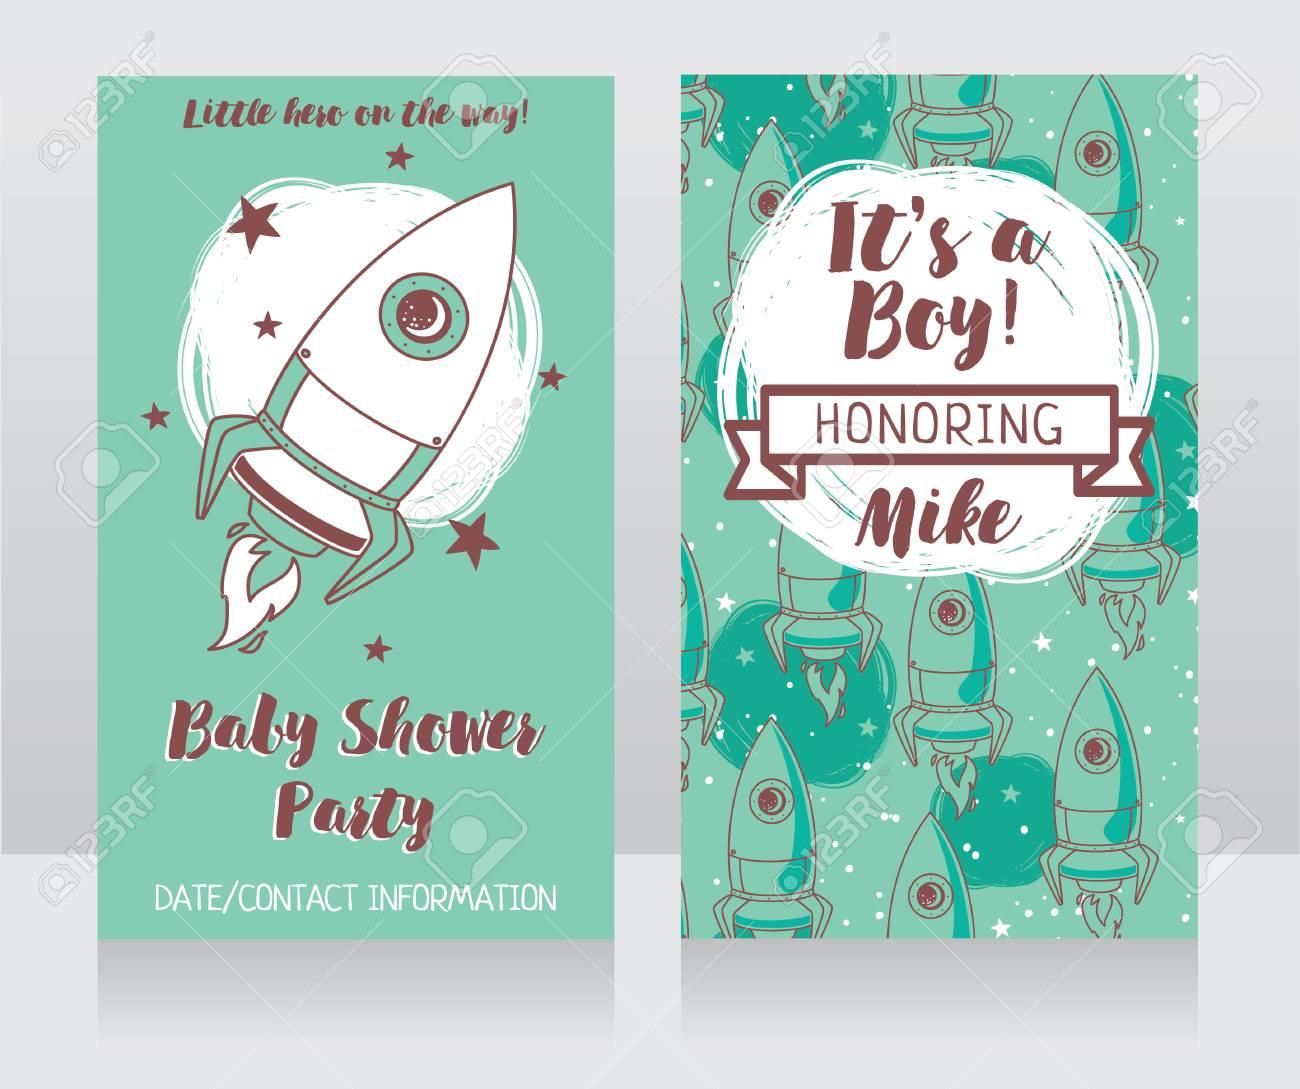 Invitaciones Para Baby Shower Con Lindo Cohete Es Un Niño Tarjetas Se Puede Utilizar Como Plantilla Para El Diseño De La Fiesta De Cumpleaños